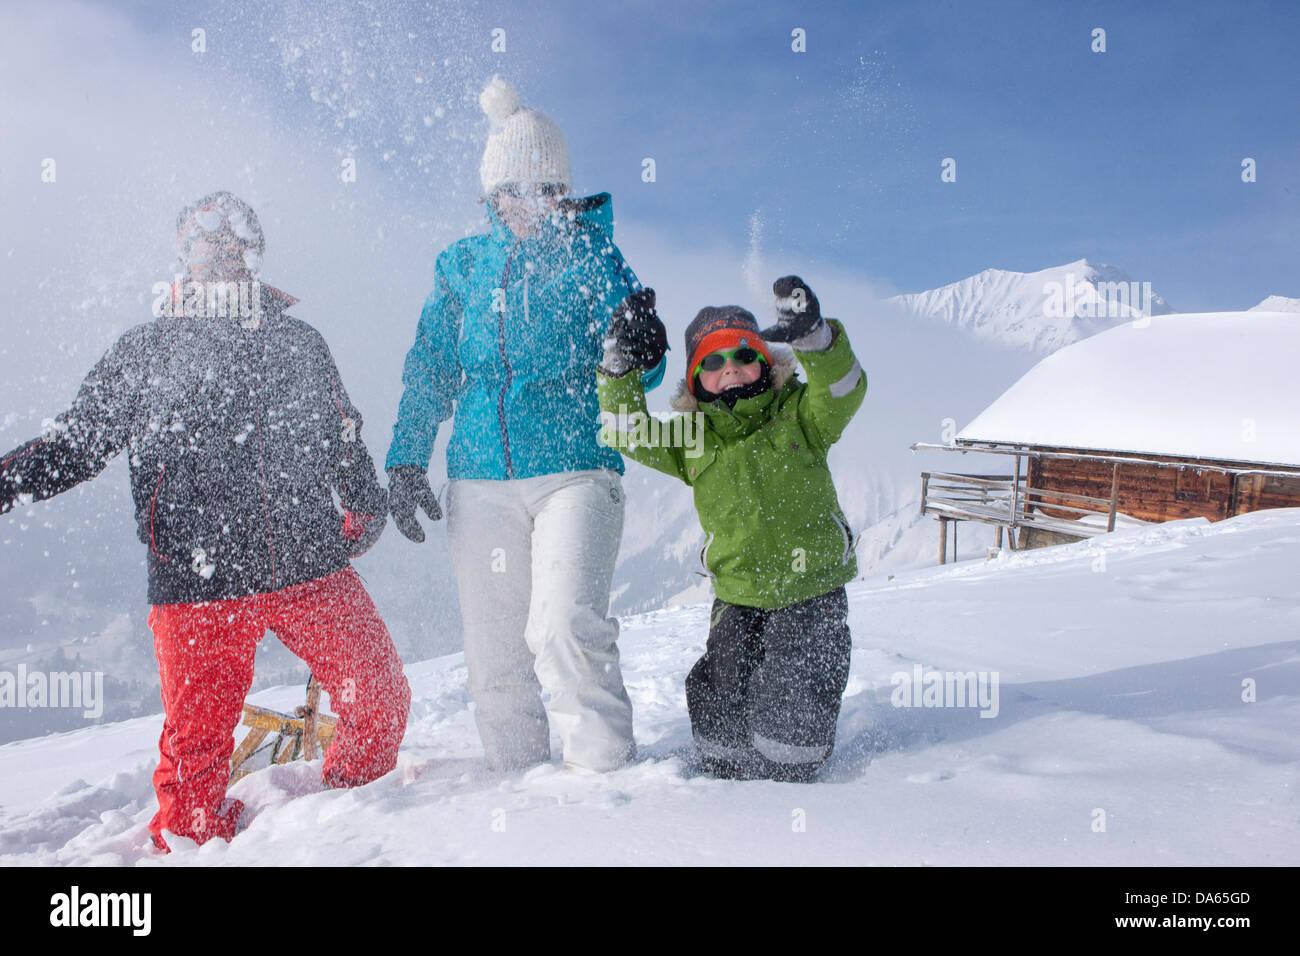 Familia de invierno, camine, camine, Adelboden, familia, niños, niños, turismo, vacaciones de invierno, Imagen De Stock